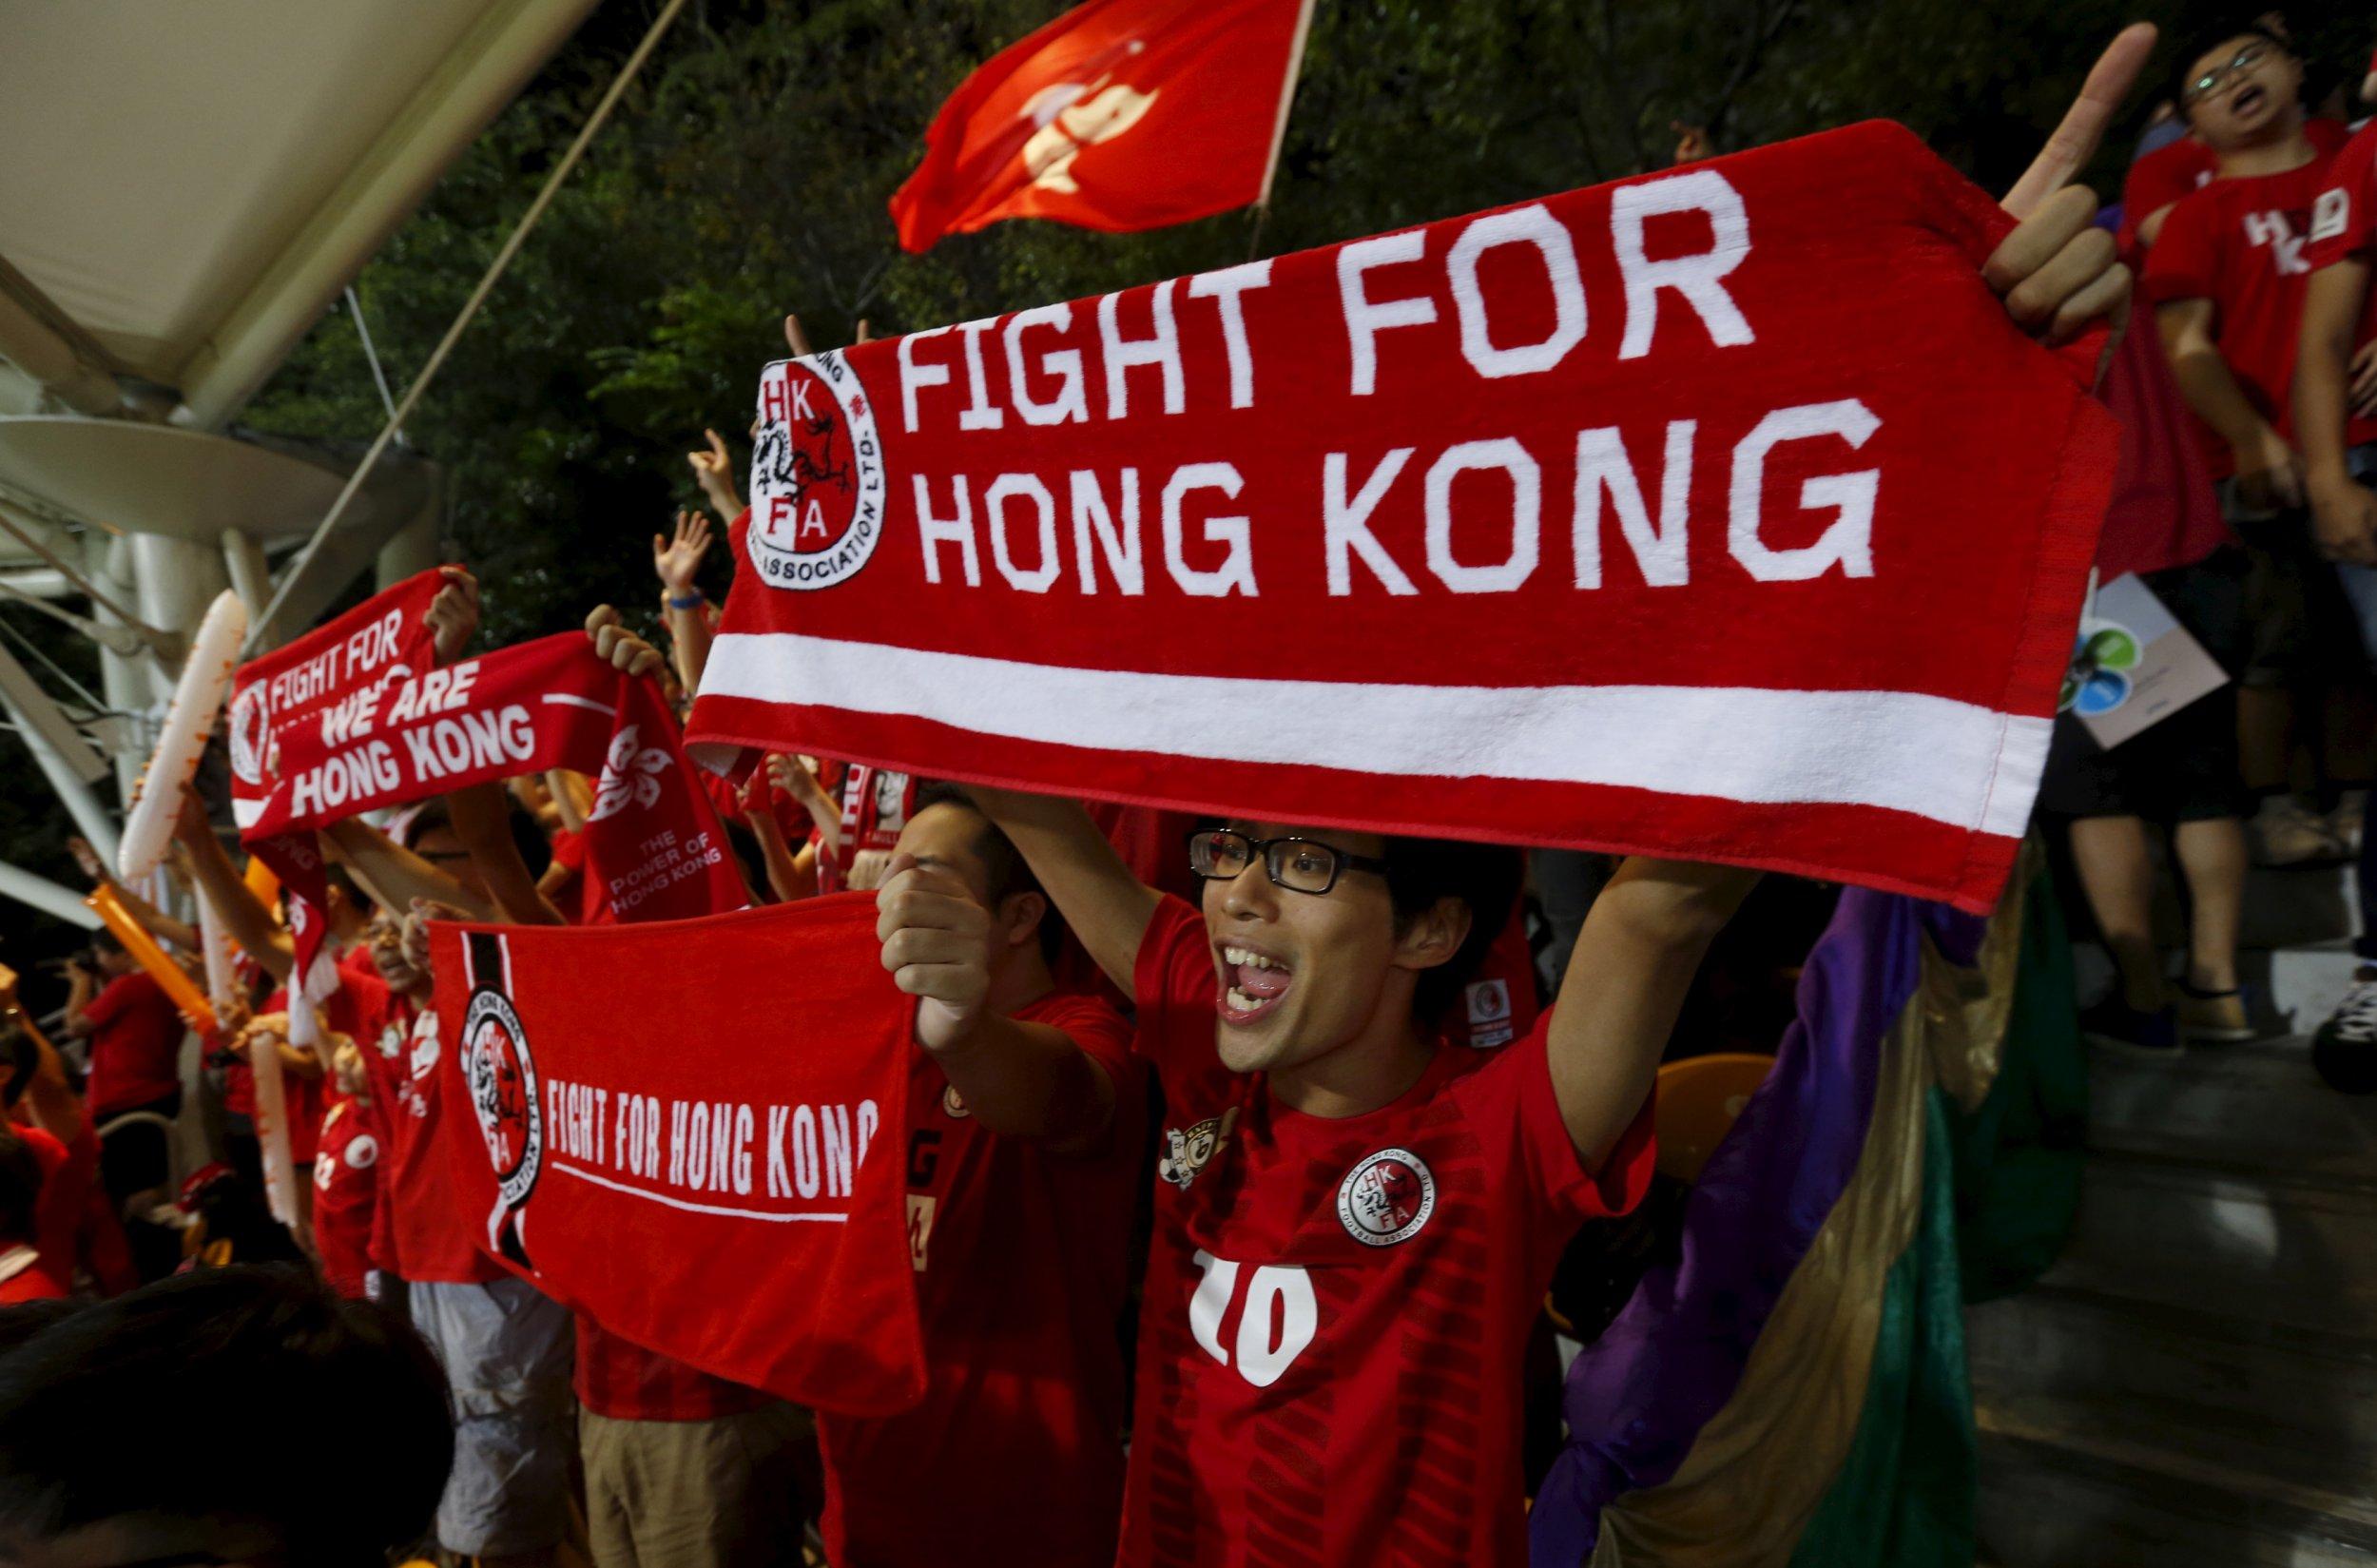 1125 Hong Kong fans